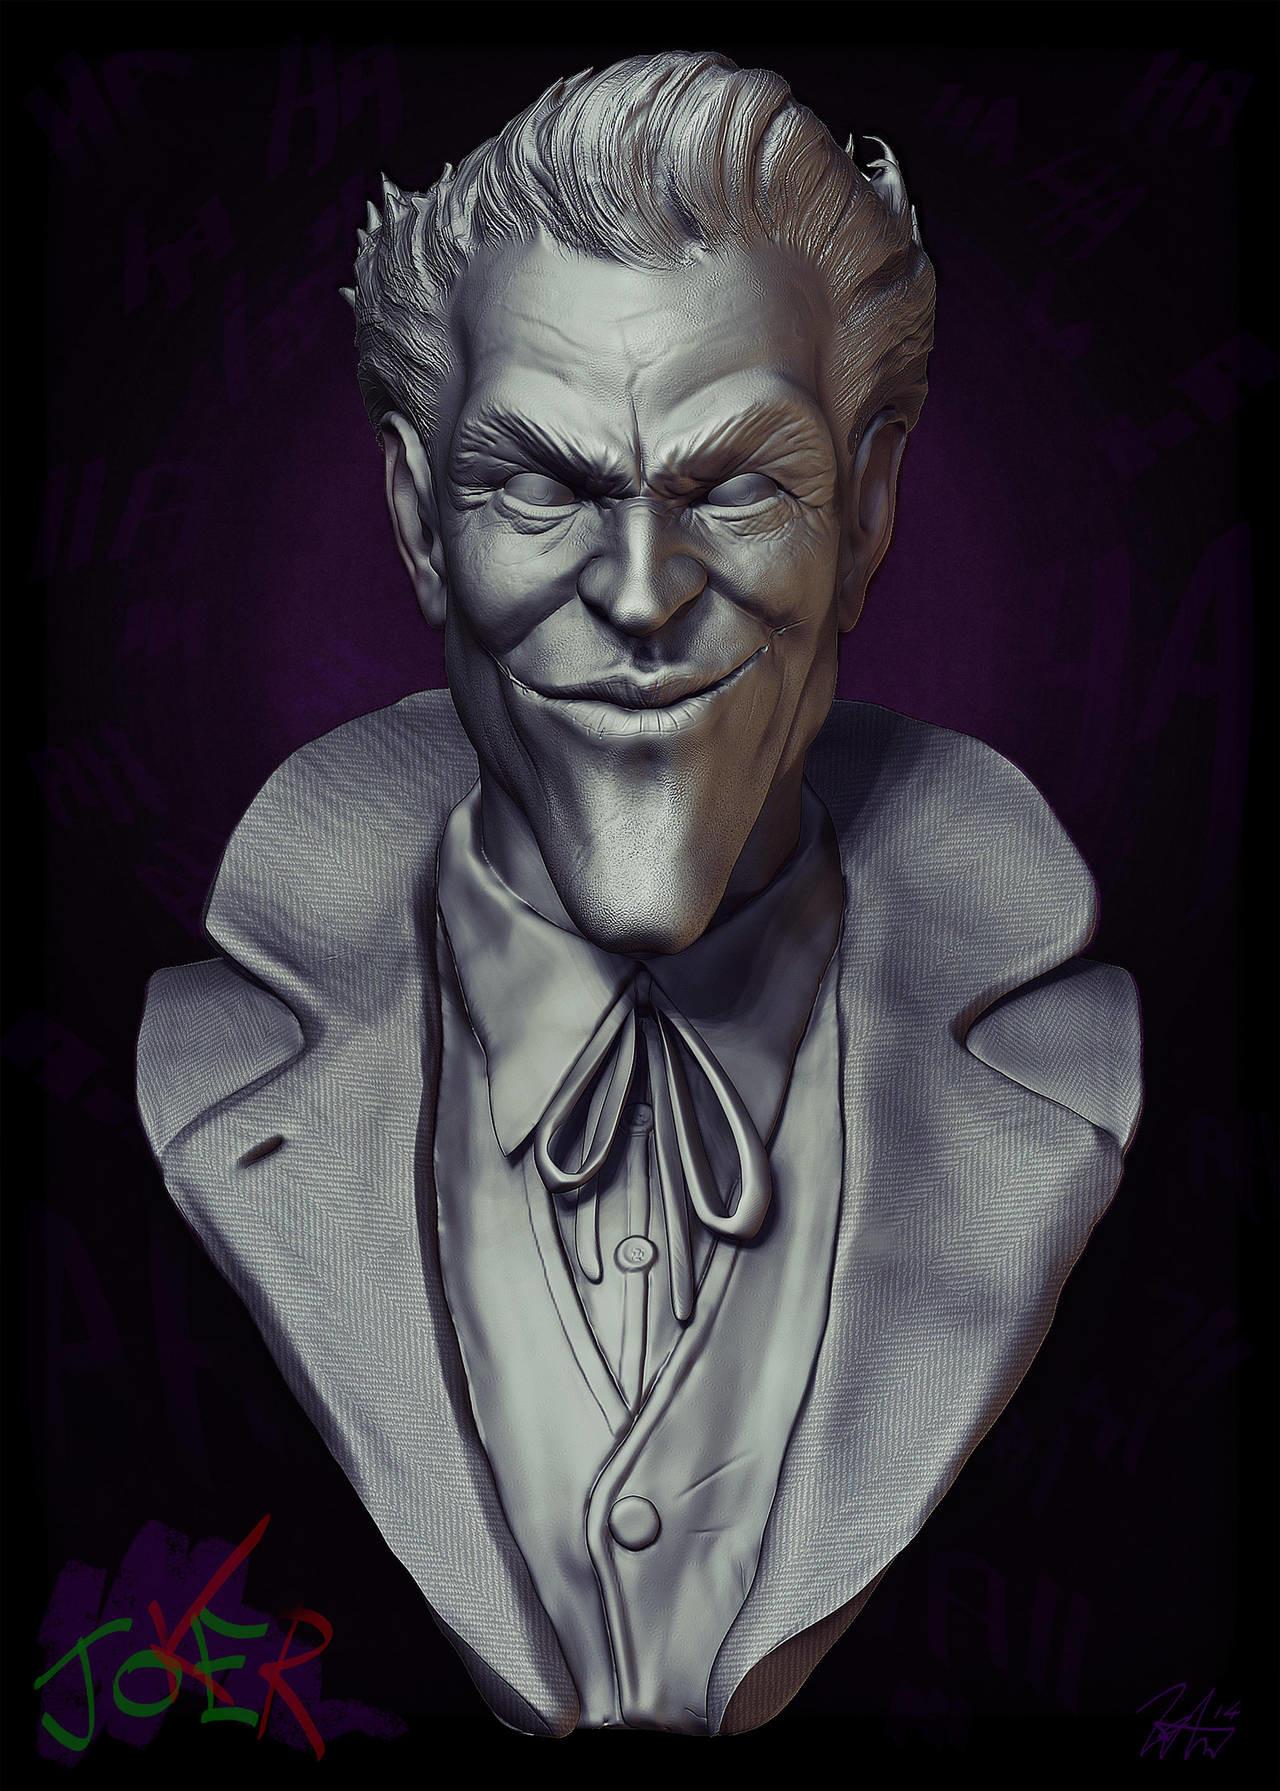 Liam golden joker bust sculpture clay render 2014 version by liamgolden d75sk6a fullview